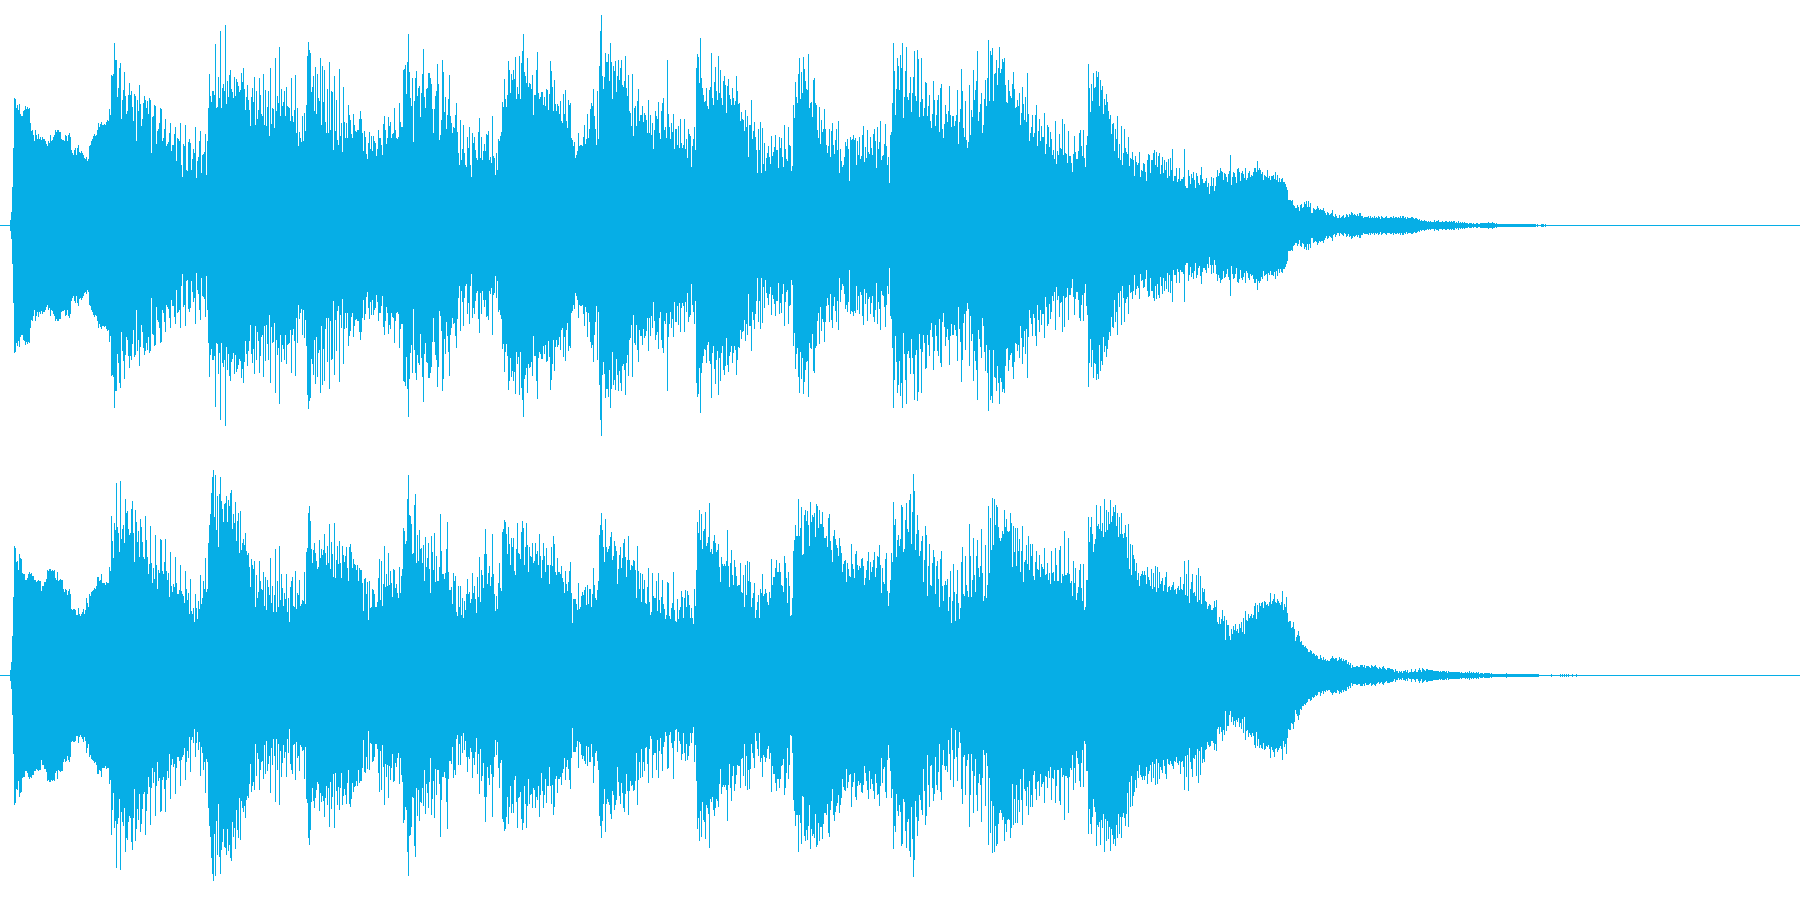 8bit レベルアップ ゲームクリア音の再生済みの波形